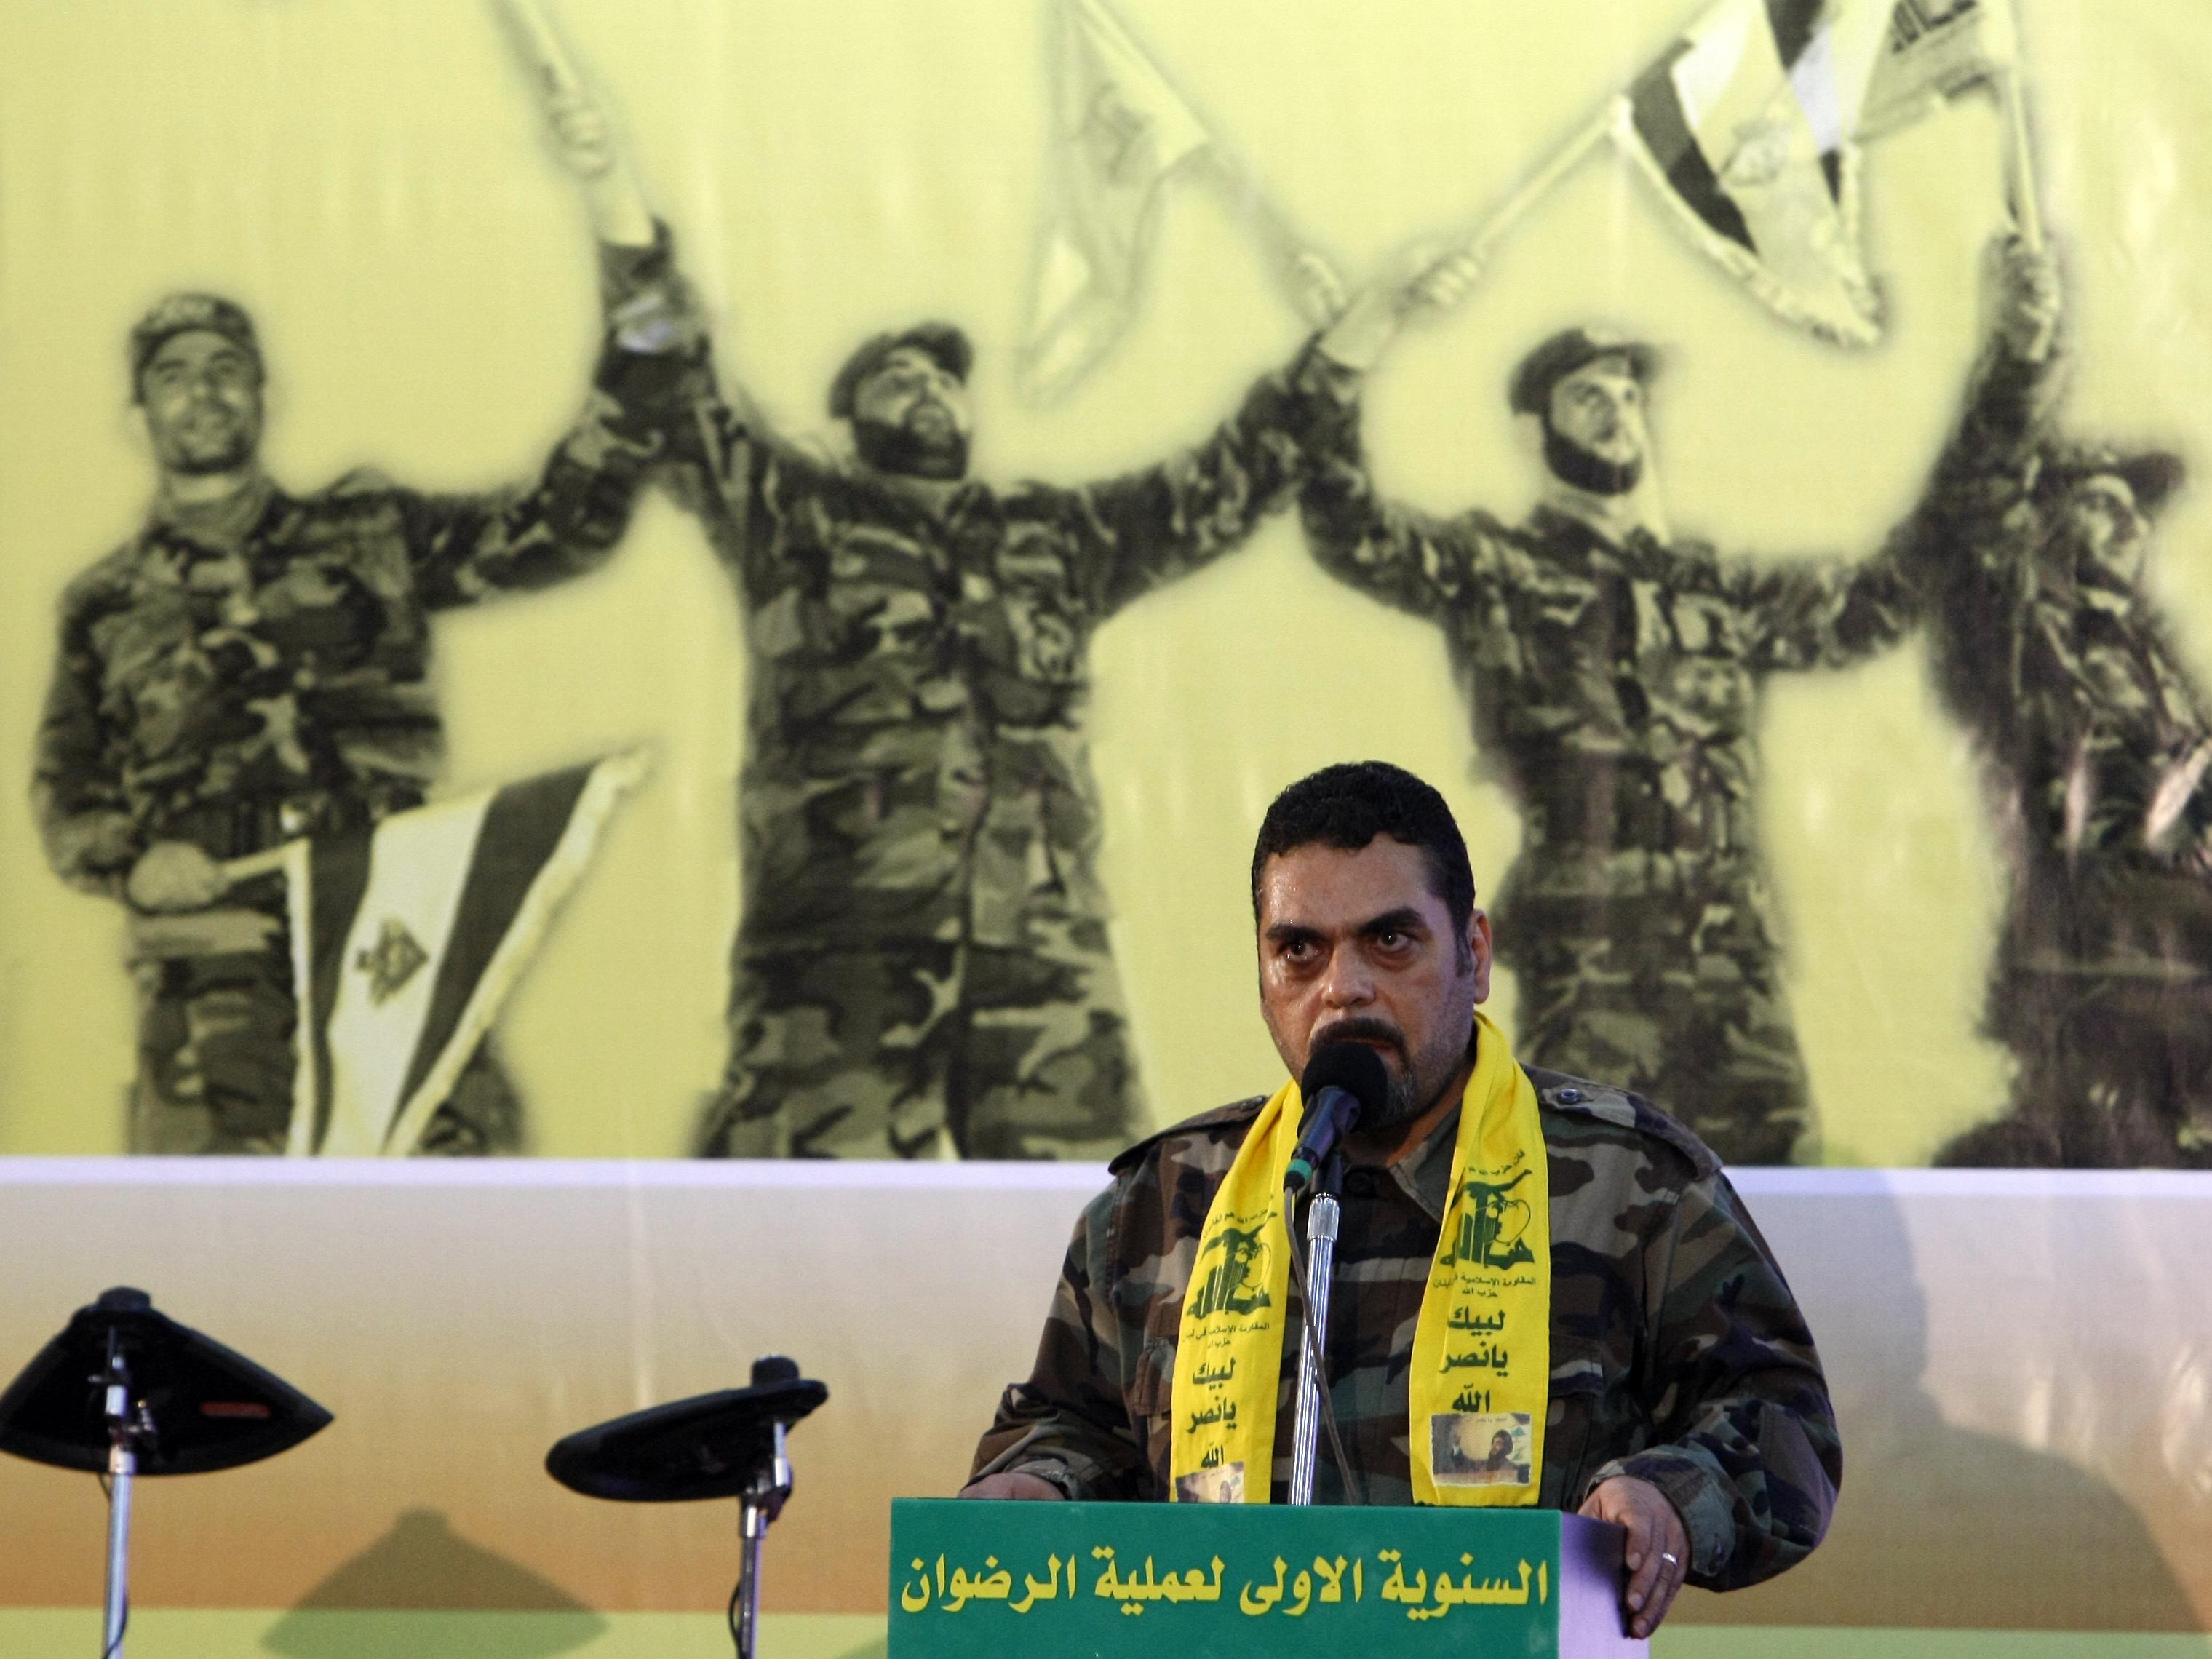 Izrael szerint a Hezbollah Szíriában kezdett katonai szervezet kiépítésébe